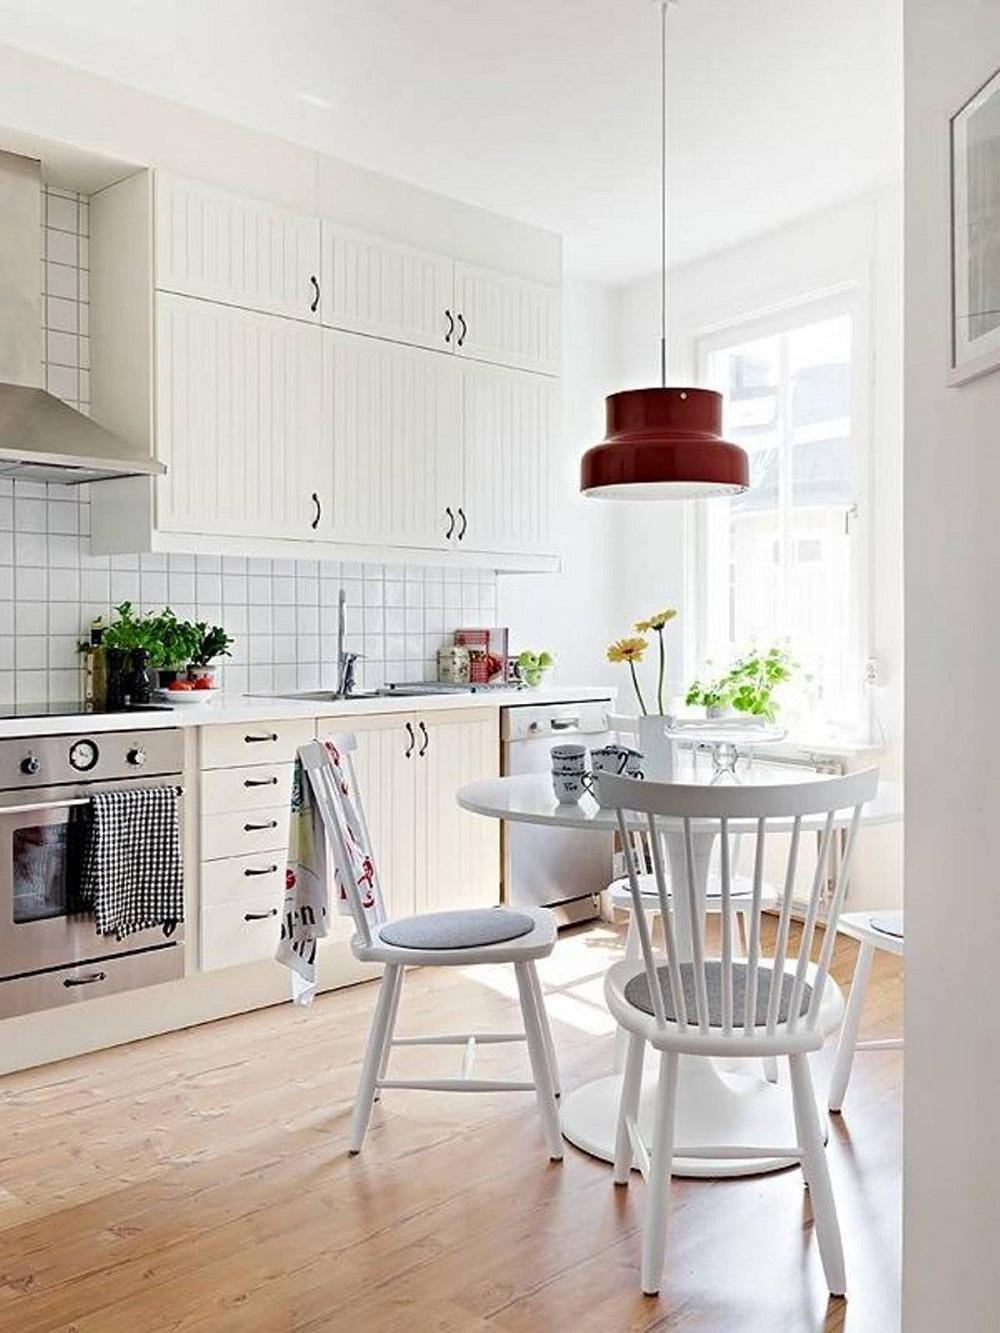 ý tưởng cho bếp chật hẹp 2